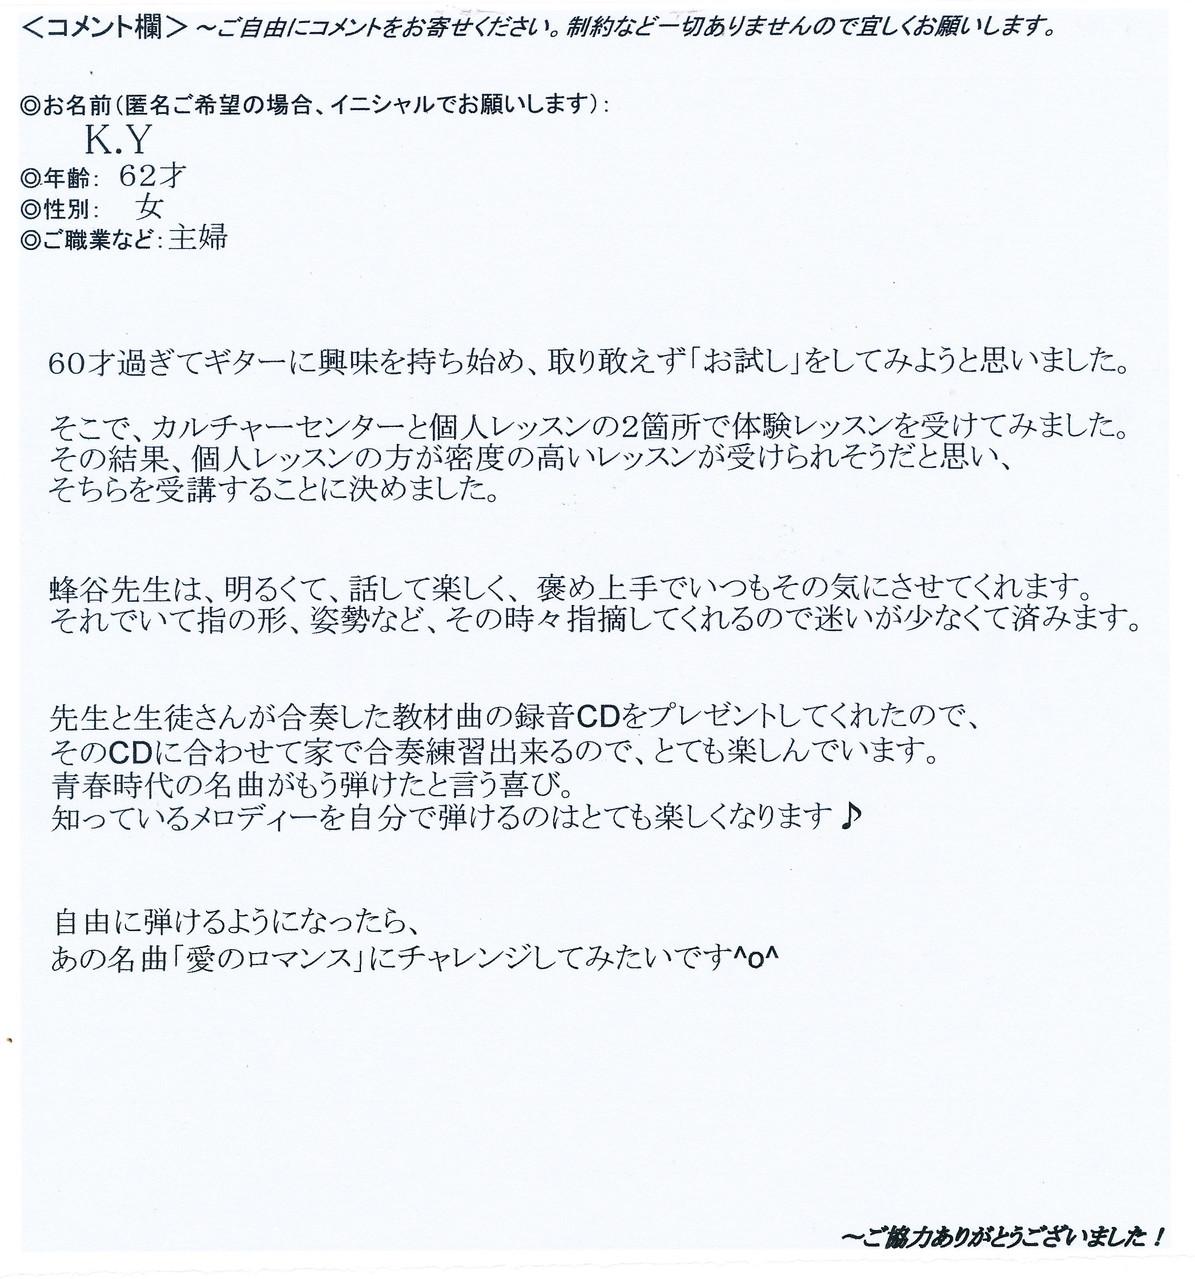 K.Yさん/コメント